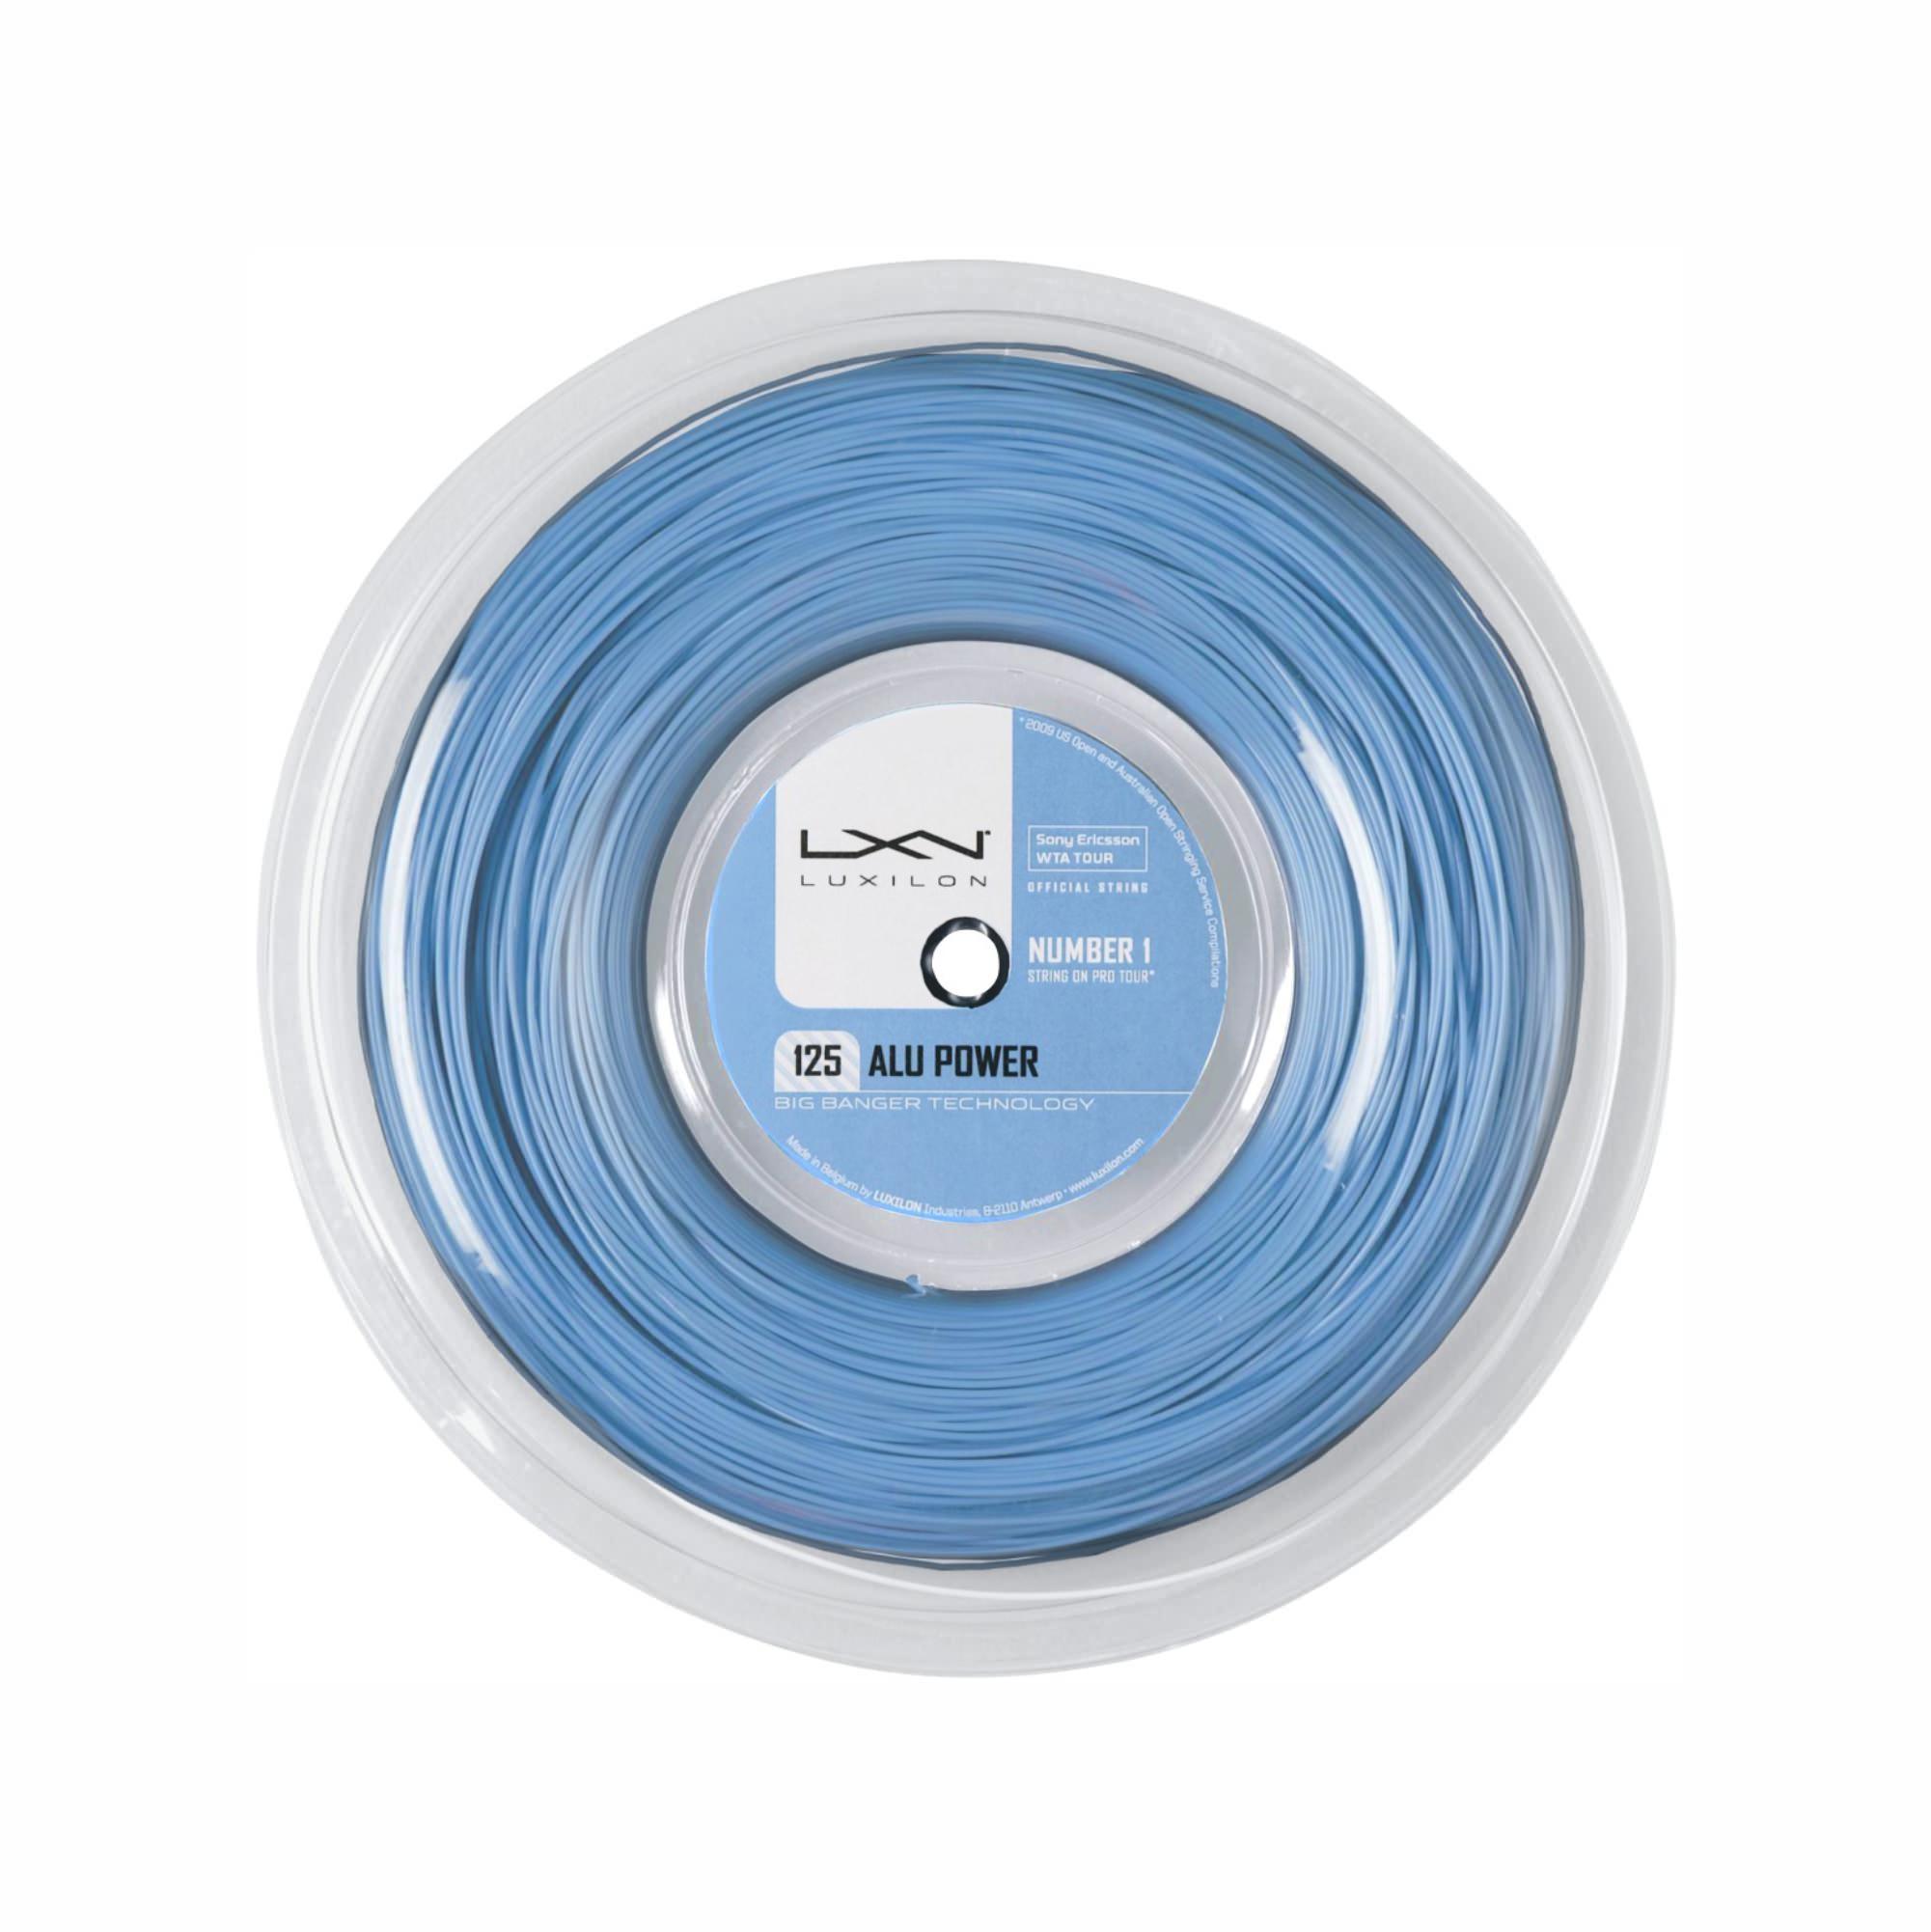 Luxilon Alu Power 125 220M Ice Blue